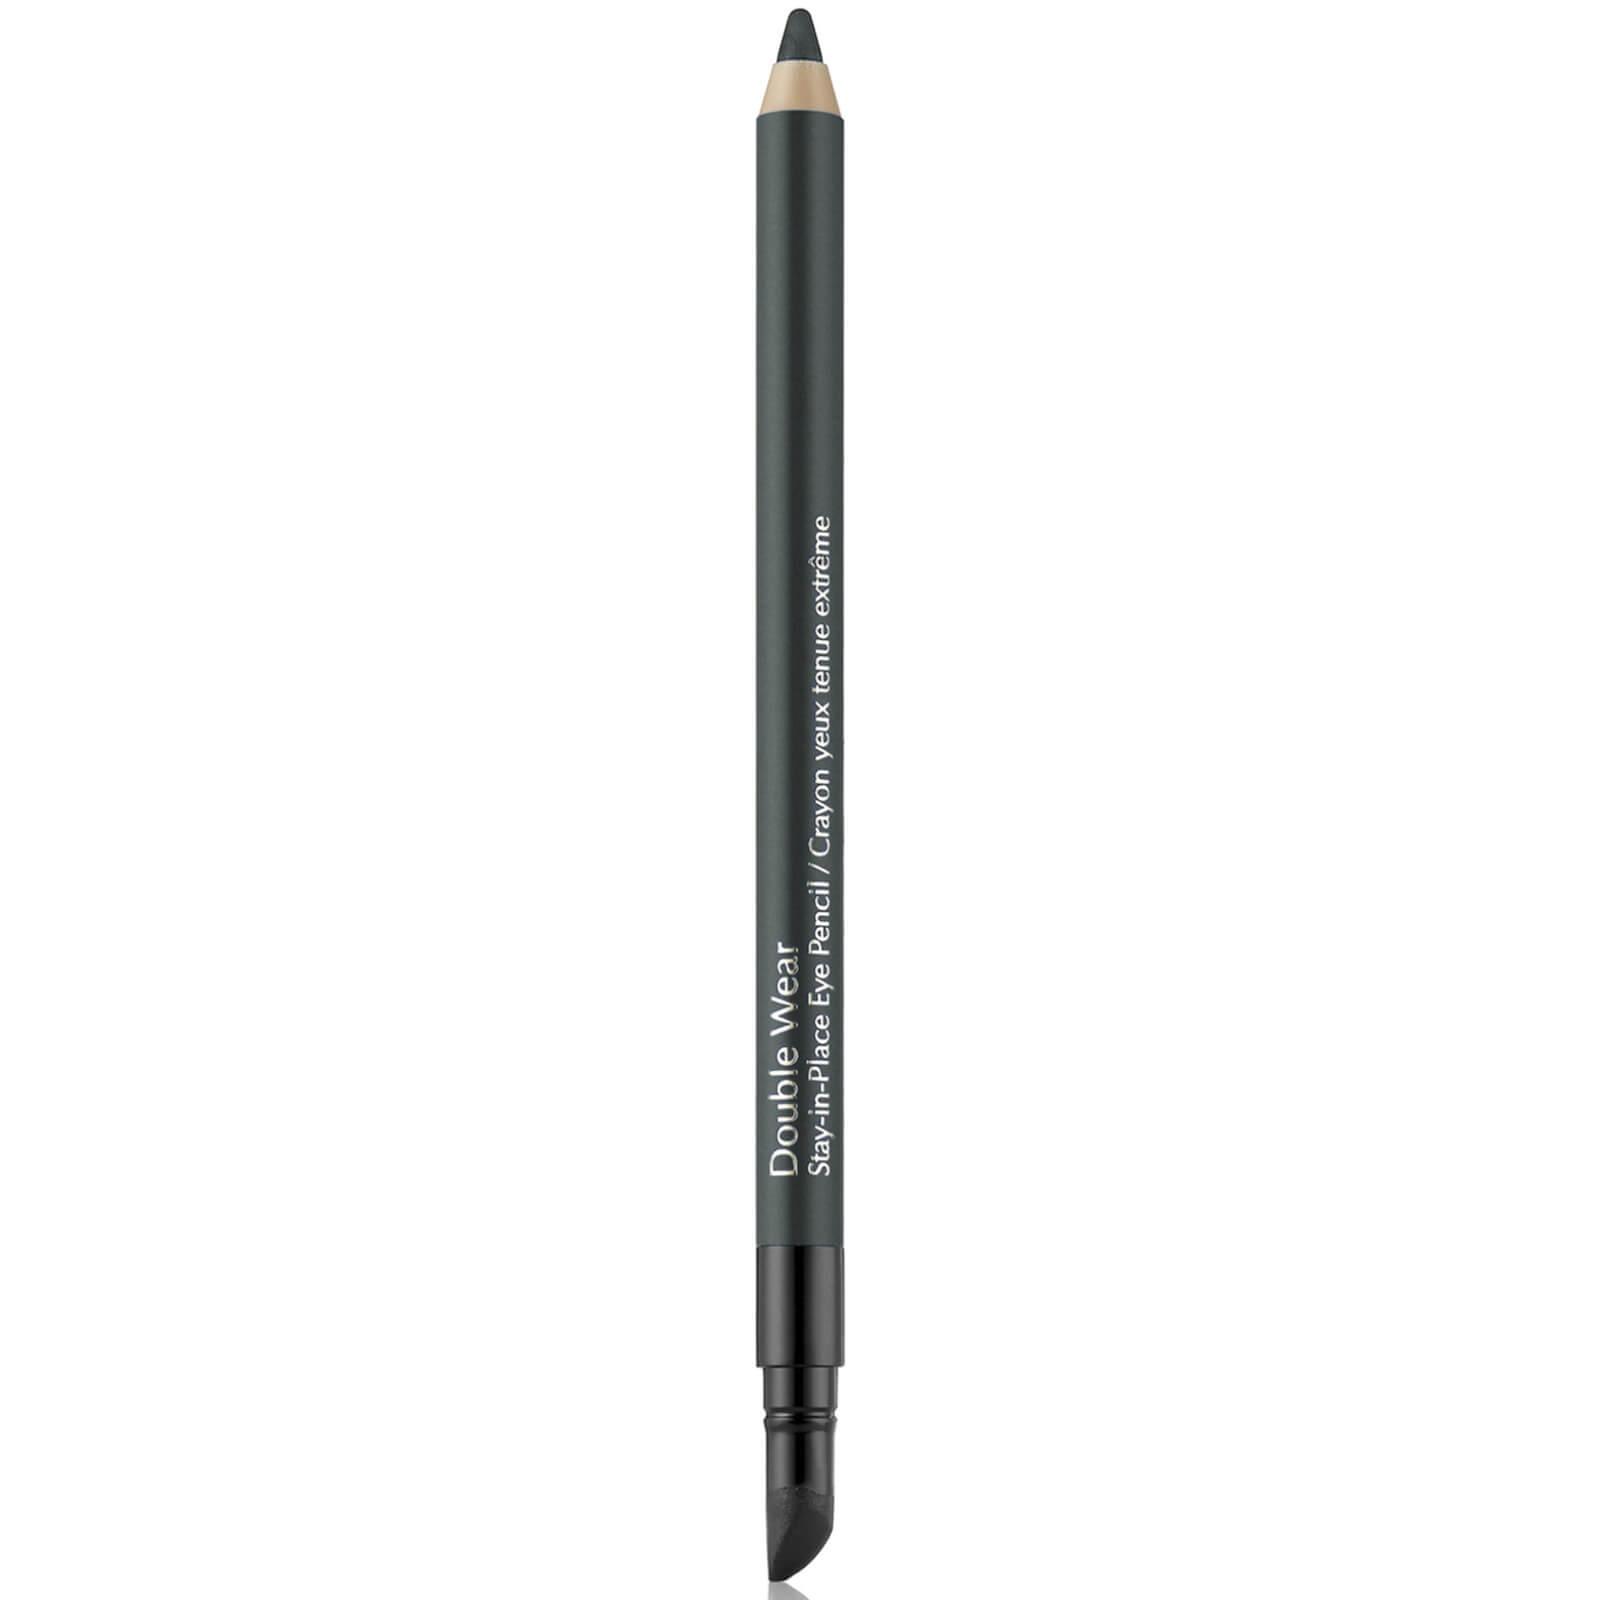 Estée Lauder Crayon Yeux Tenue Extrême Double Wear Estée Lauder 1,2g - Smoke